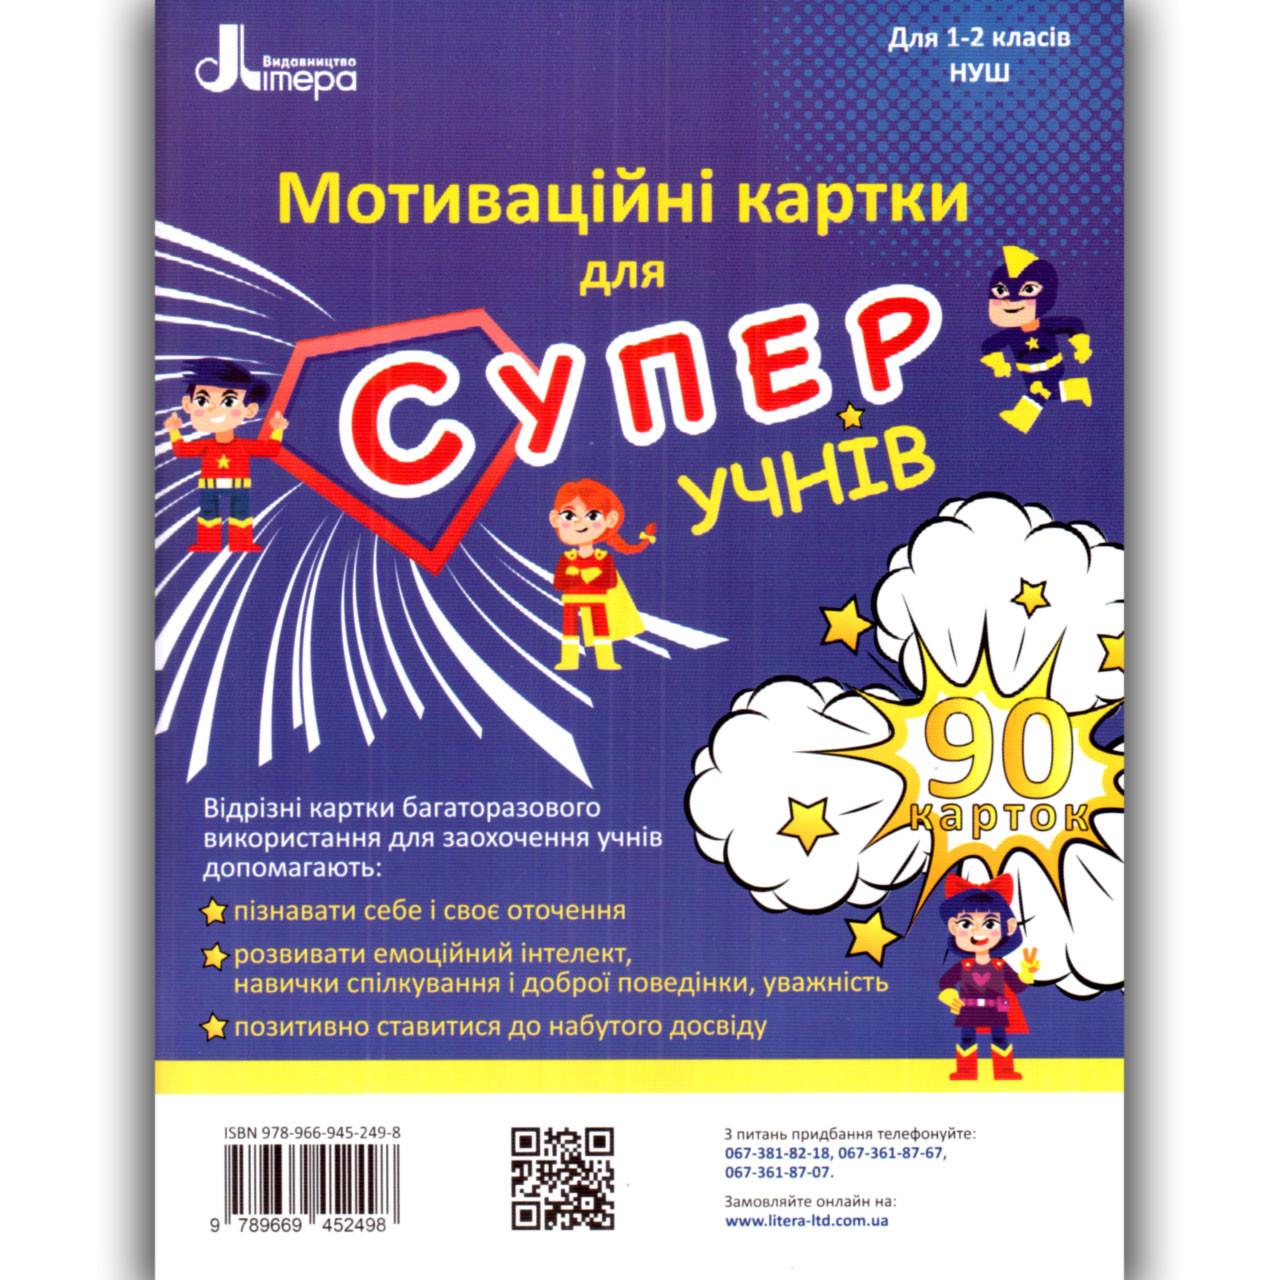 Мотиваційні картки для супер учнів Посібник для 1-2 класів НУШ Вид: Літера